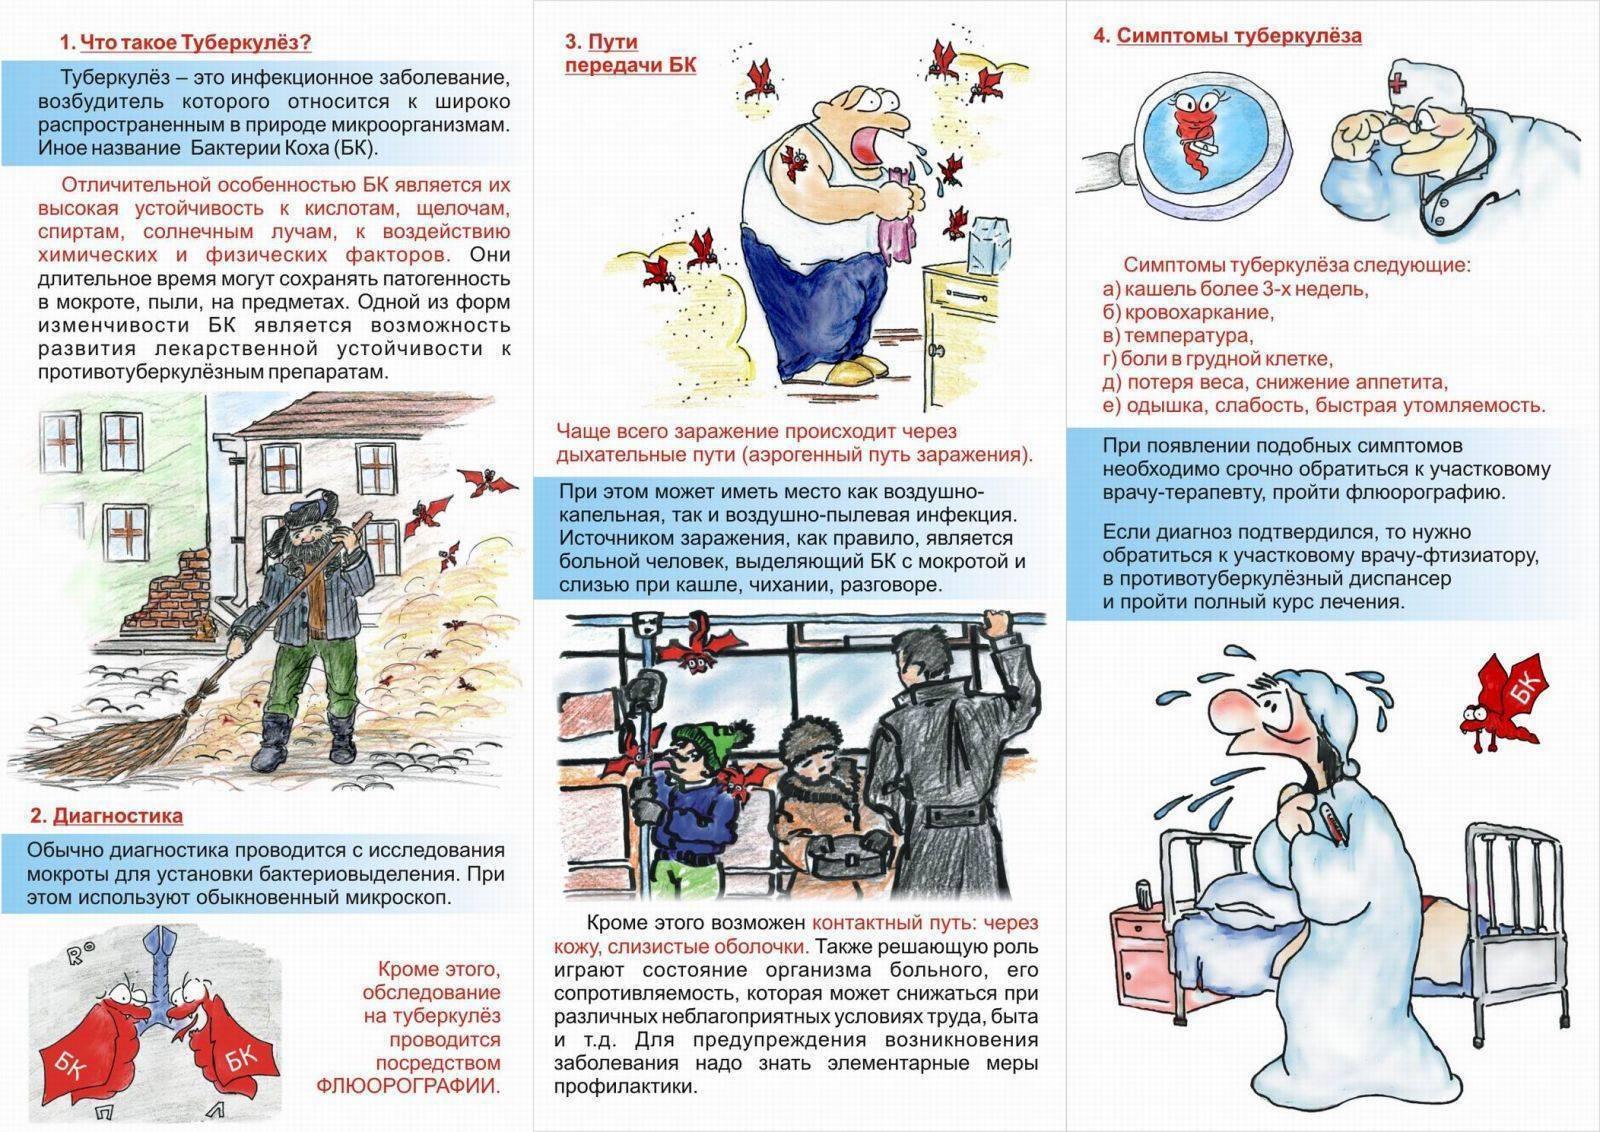 Симптомы туберкулеза легких на ранних стадиях: первые признаки у детей и взрослых